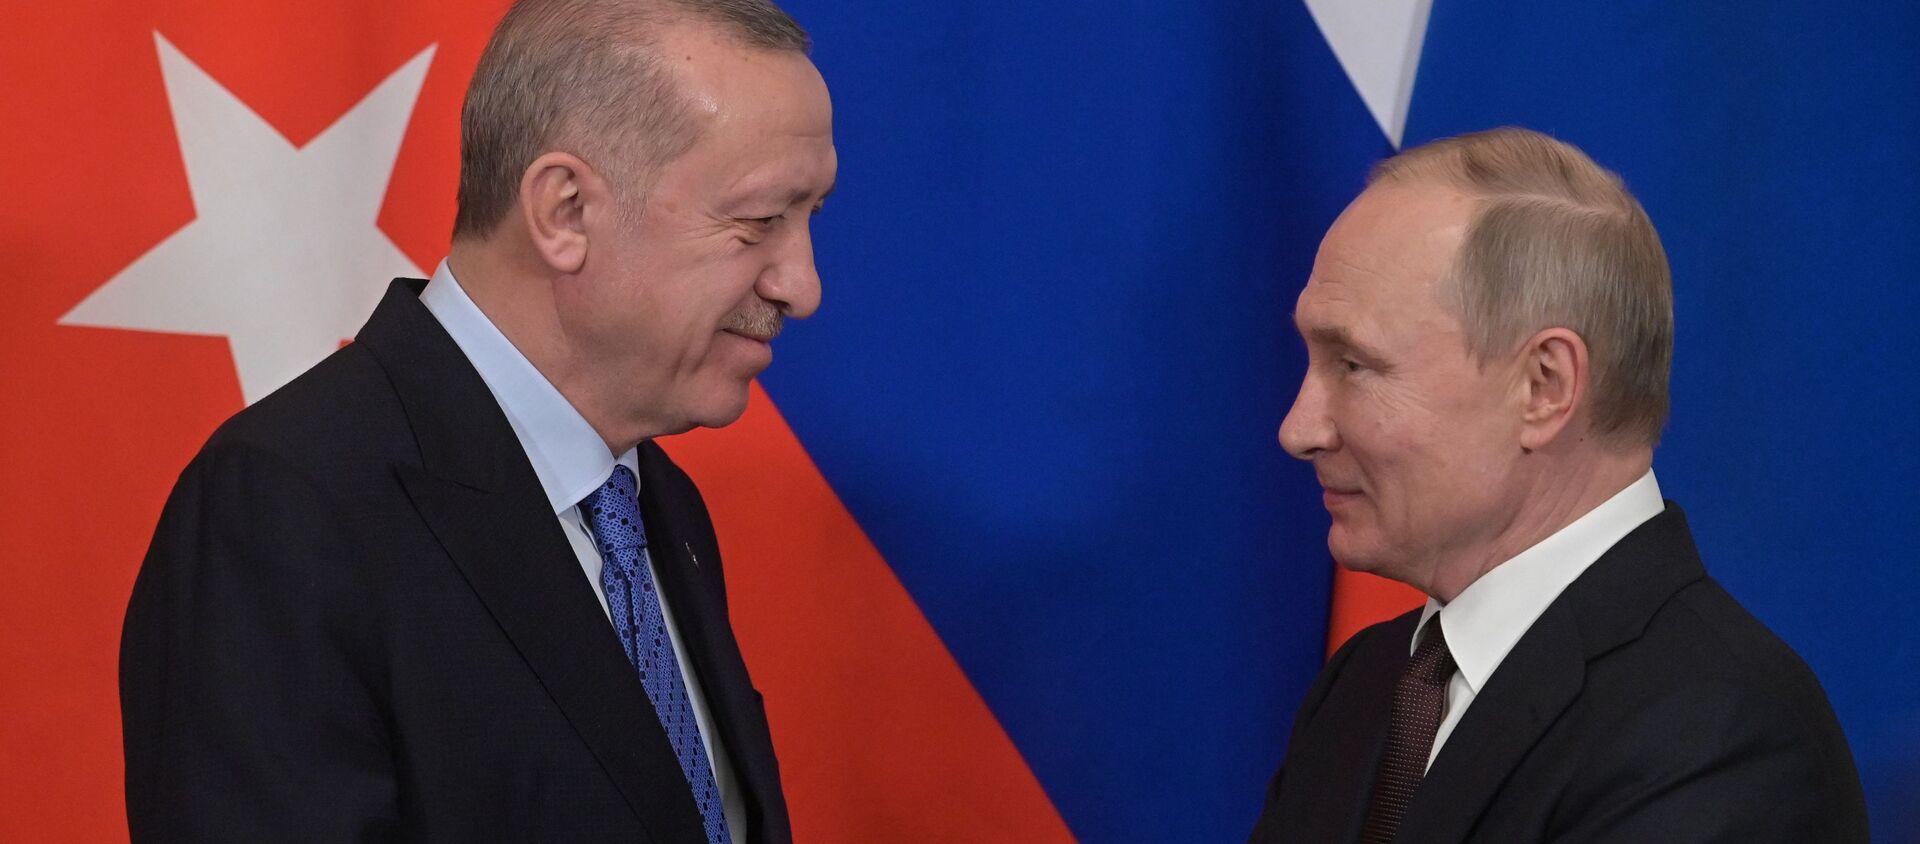 Президент РФ В. Путин встретился с президентом Турции Р. Эрдоганом - Sputnik Абхазия, 1920, 30.09.2021